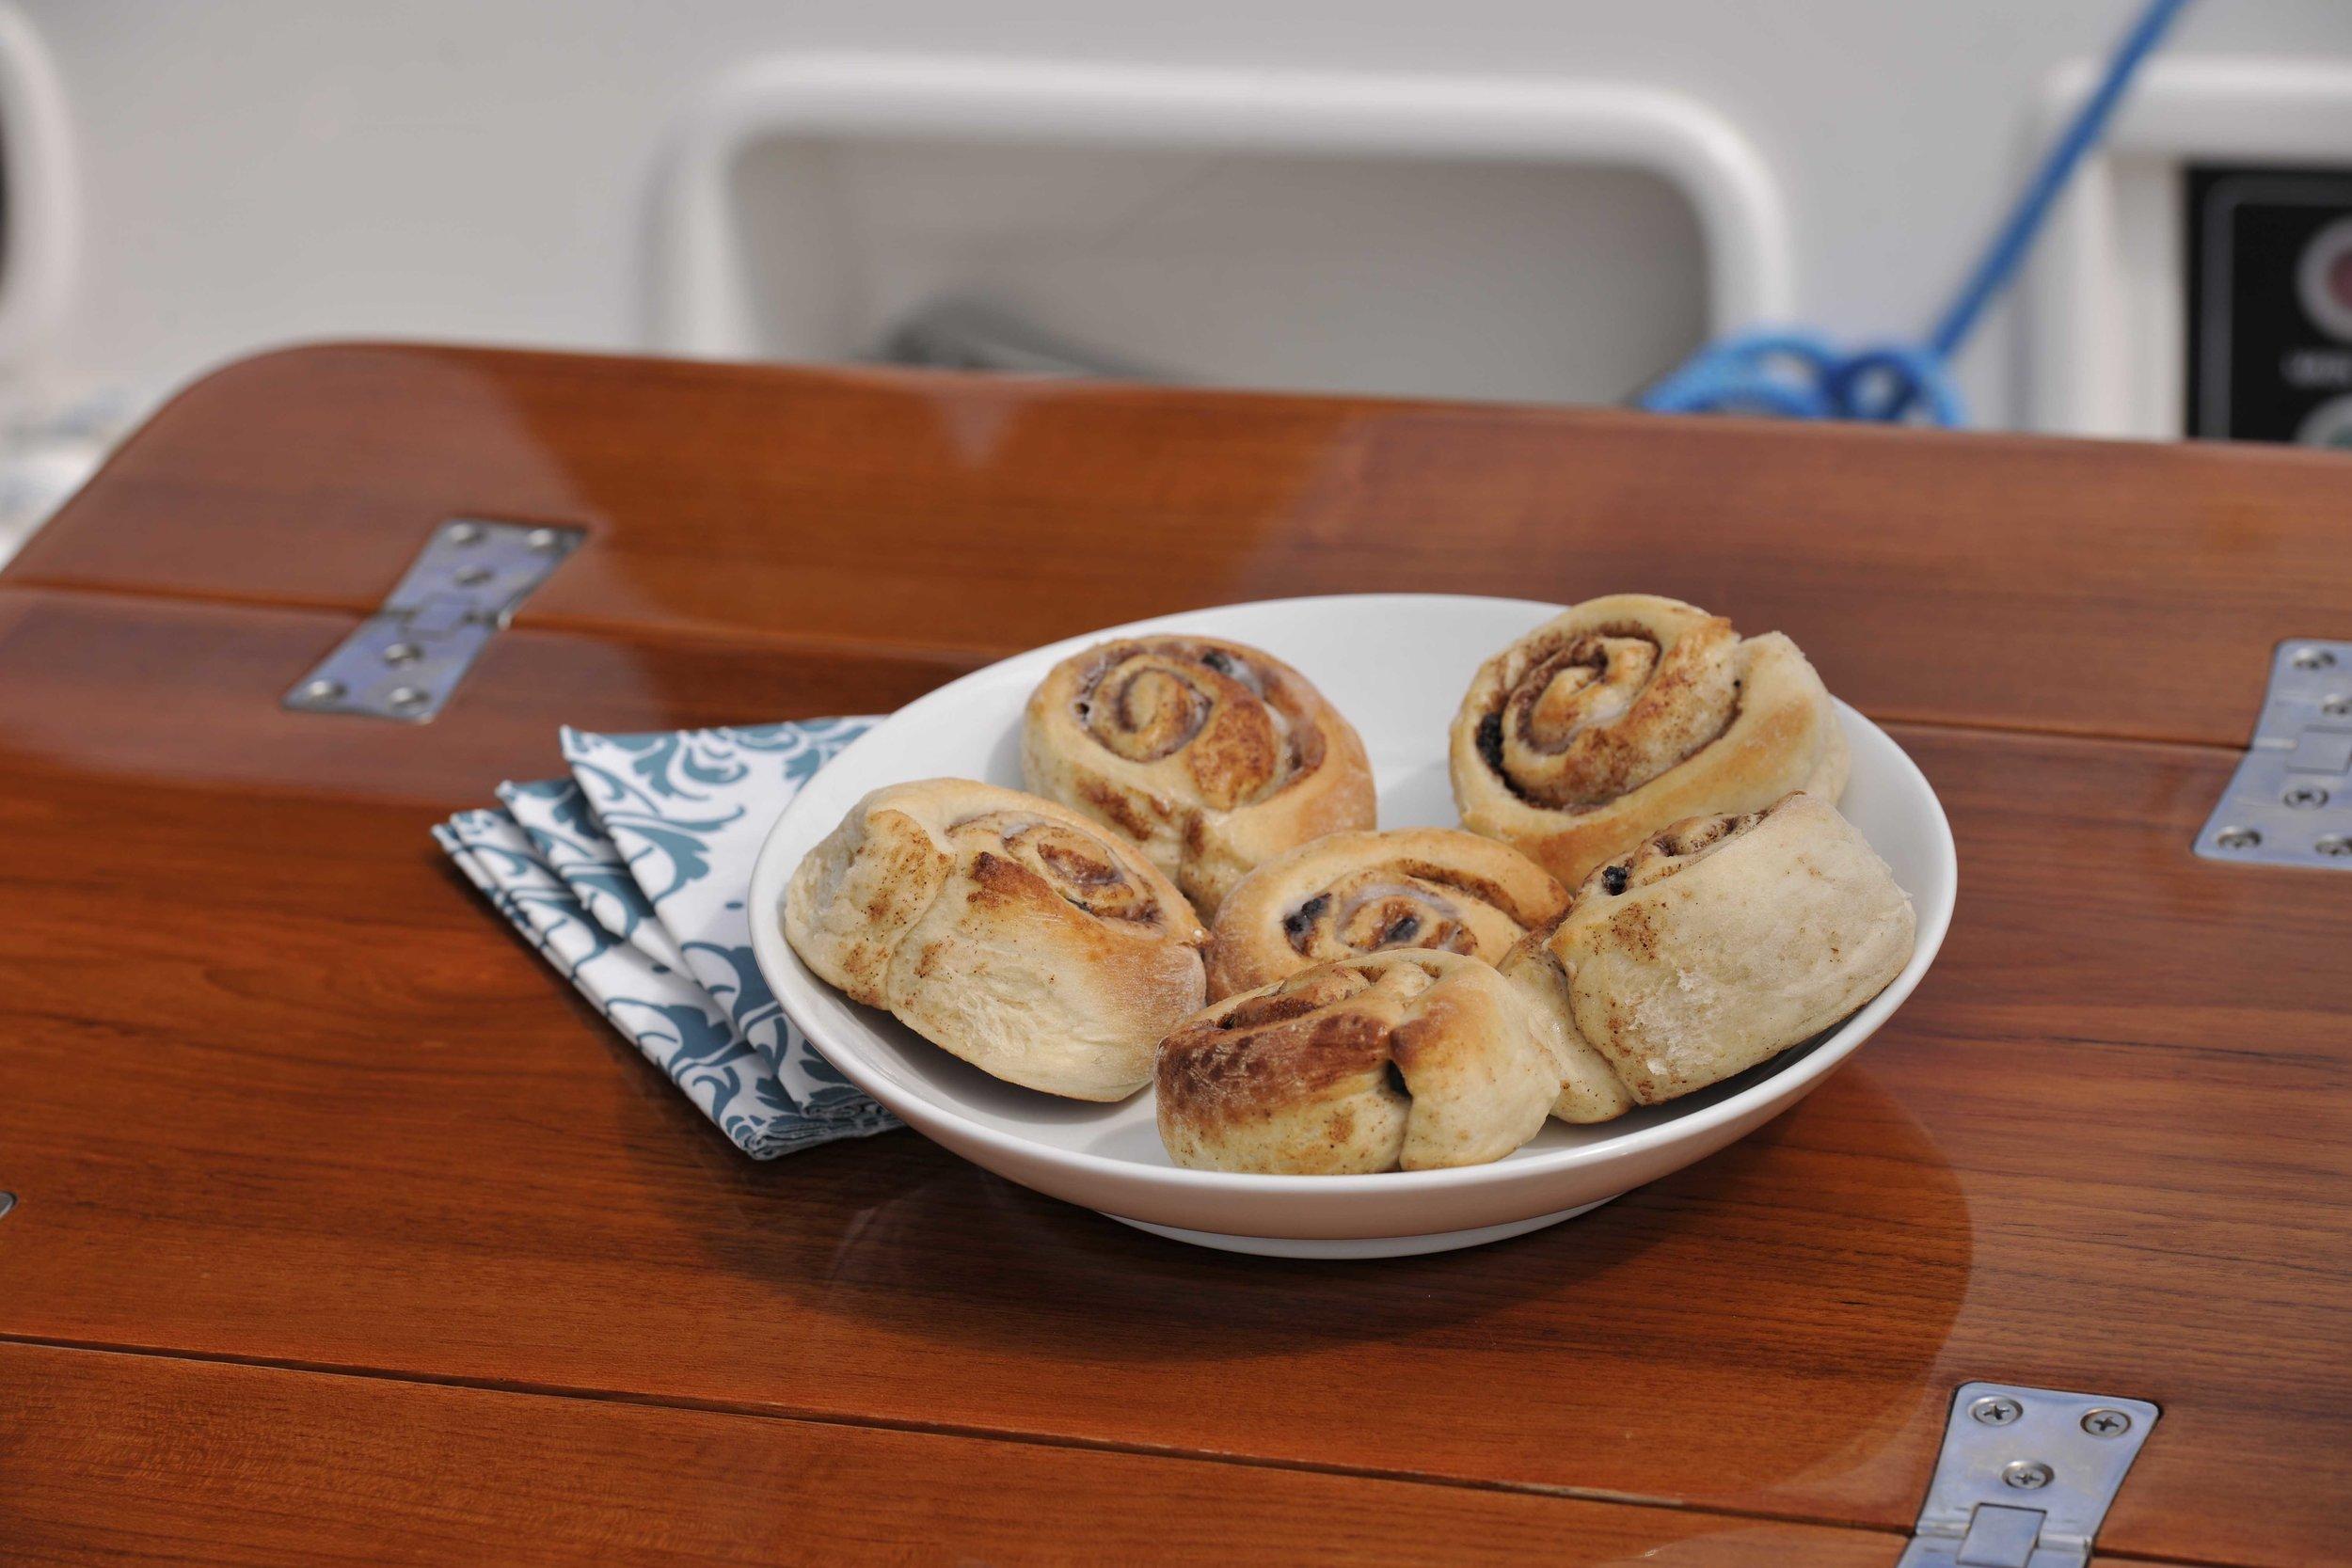 Freshly baked cinnamon rolls by Susie.